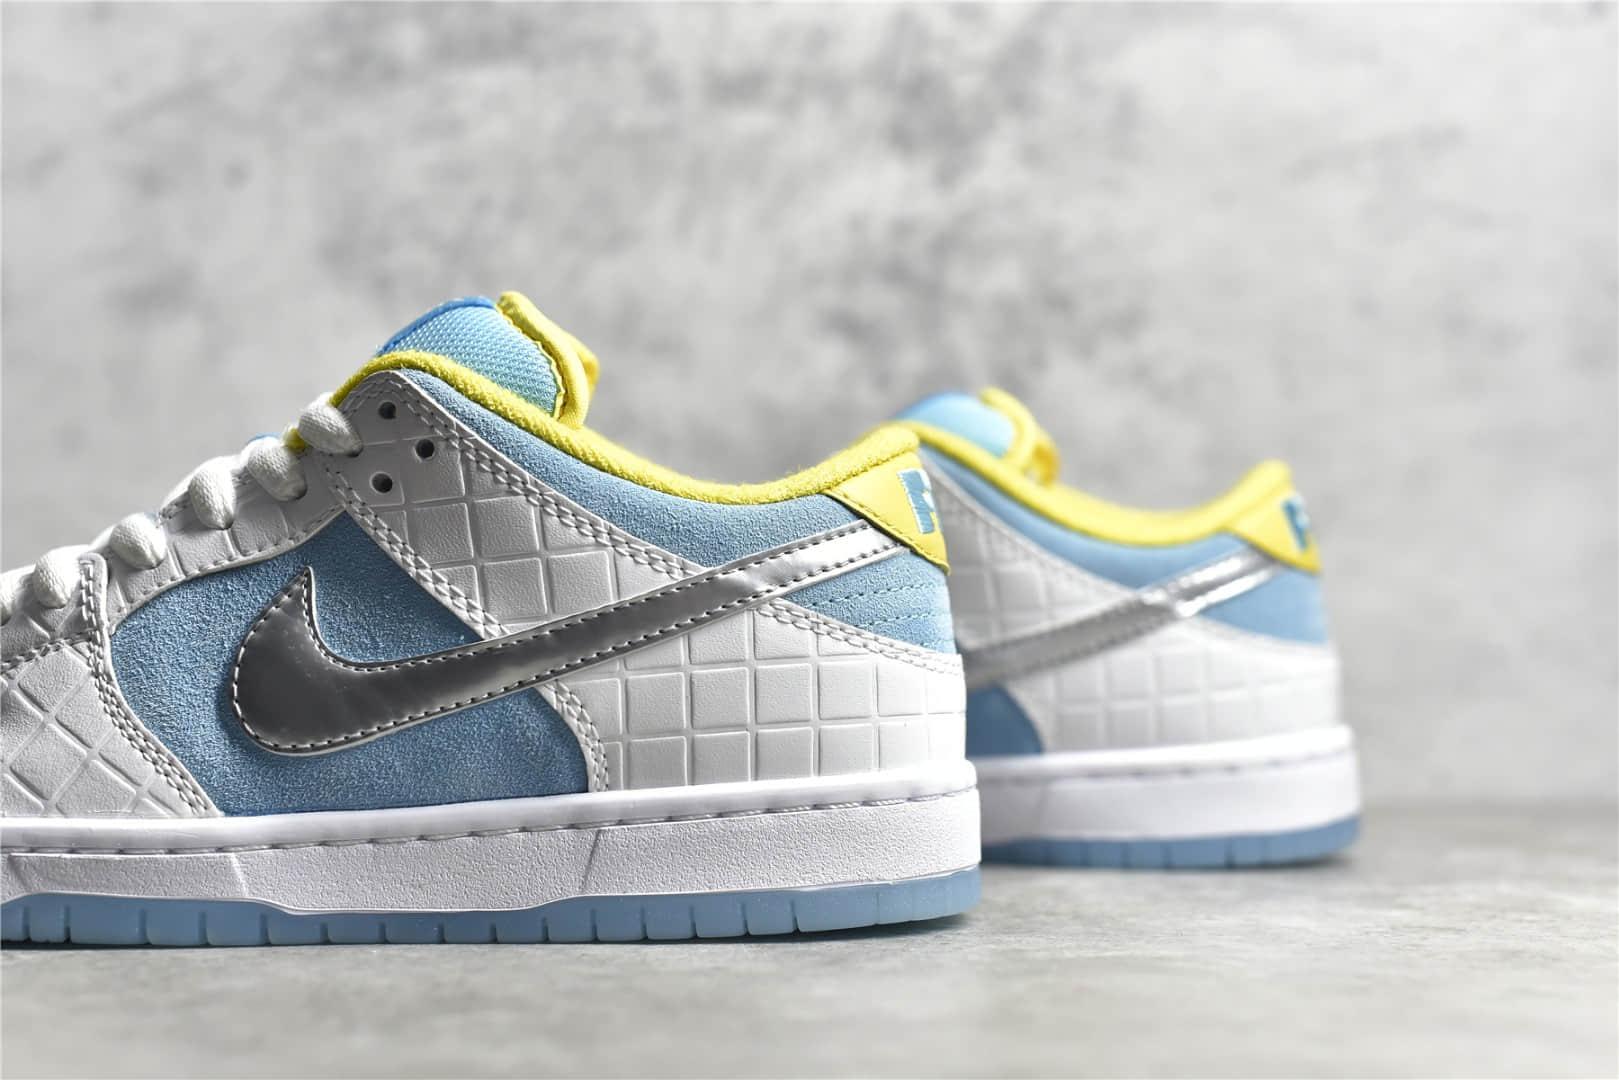 耐克SB Dunk FTC联名款 FTC x Nike SB Dunk Low 耐克SB DUNK白蓝低帮2021新款 货号:DH7687-400-潮流者之家